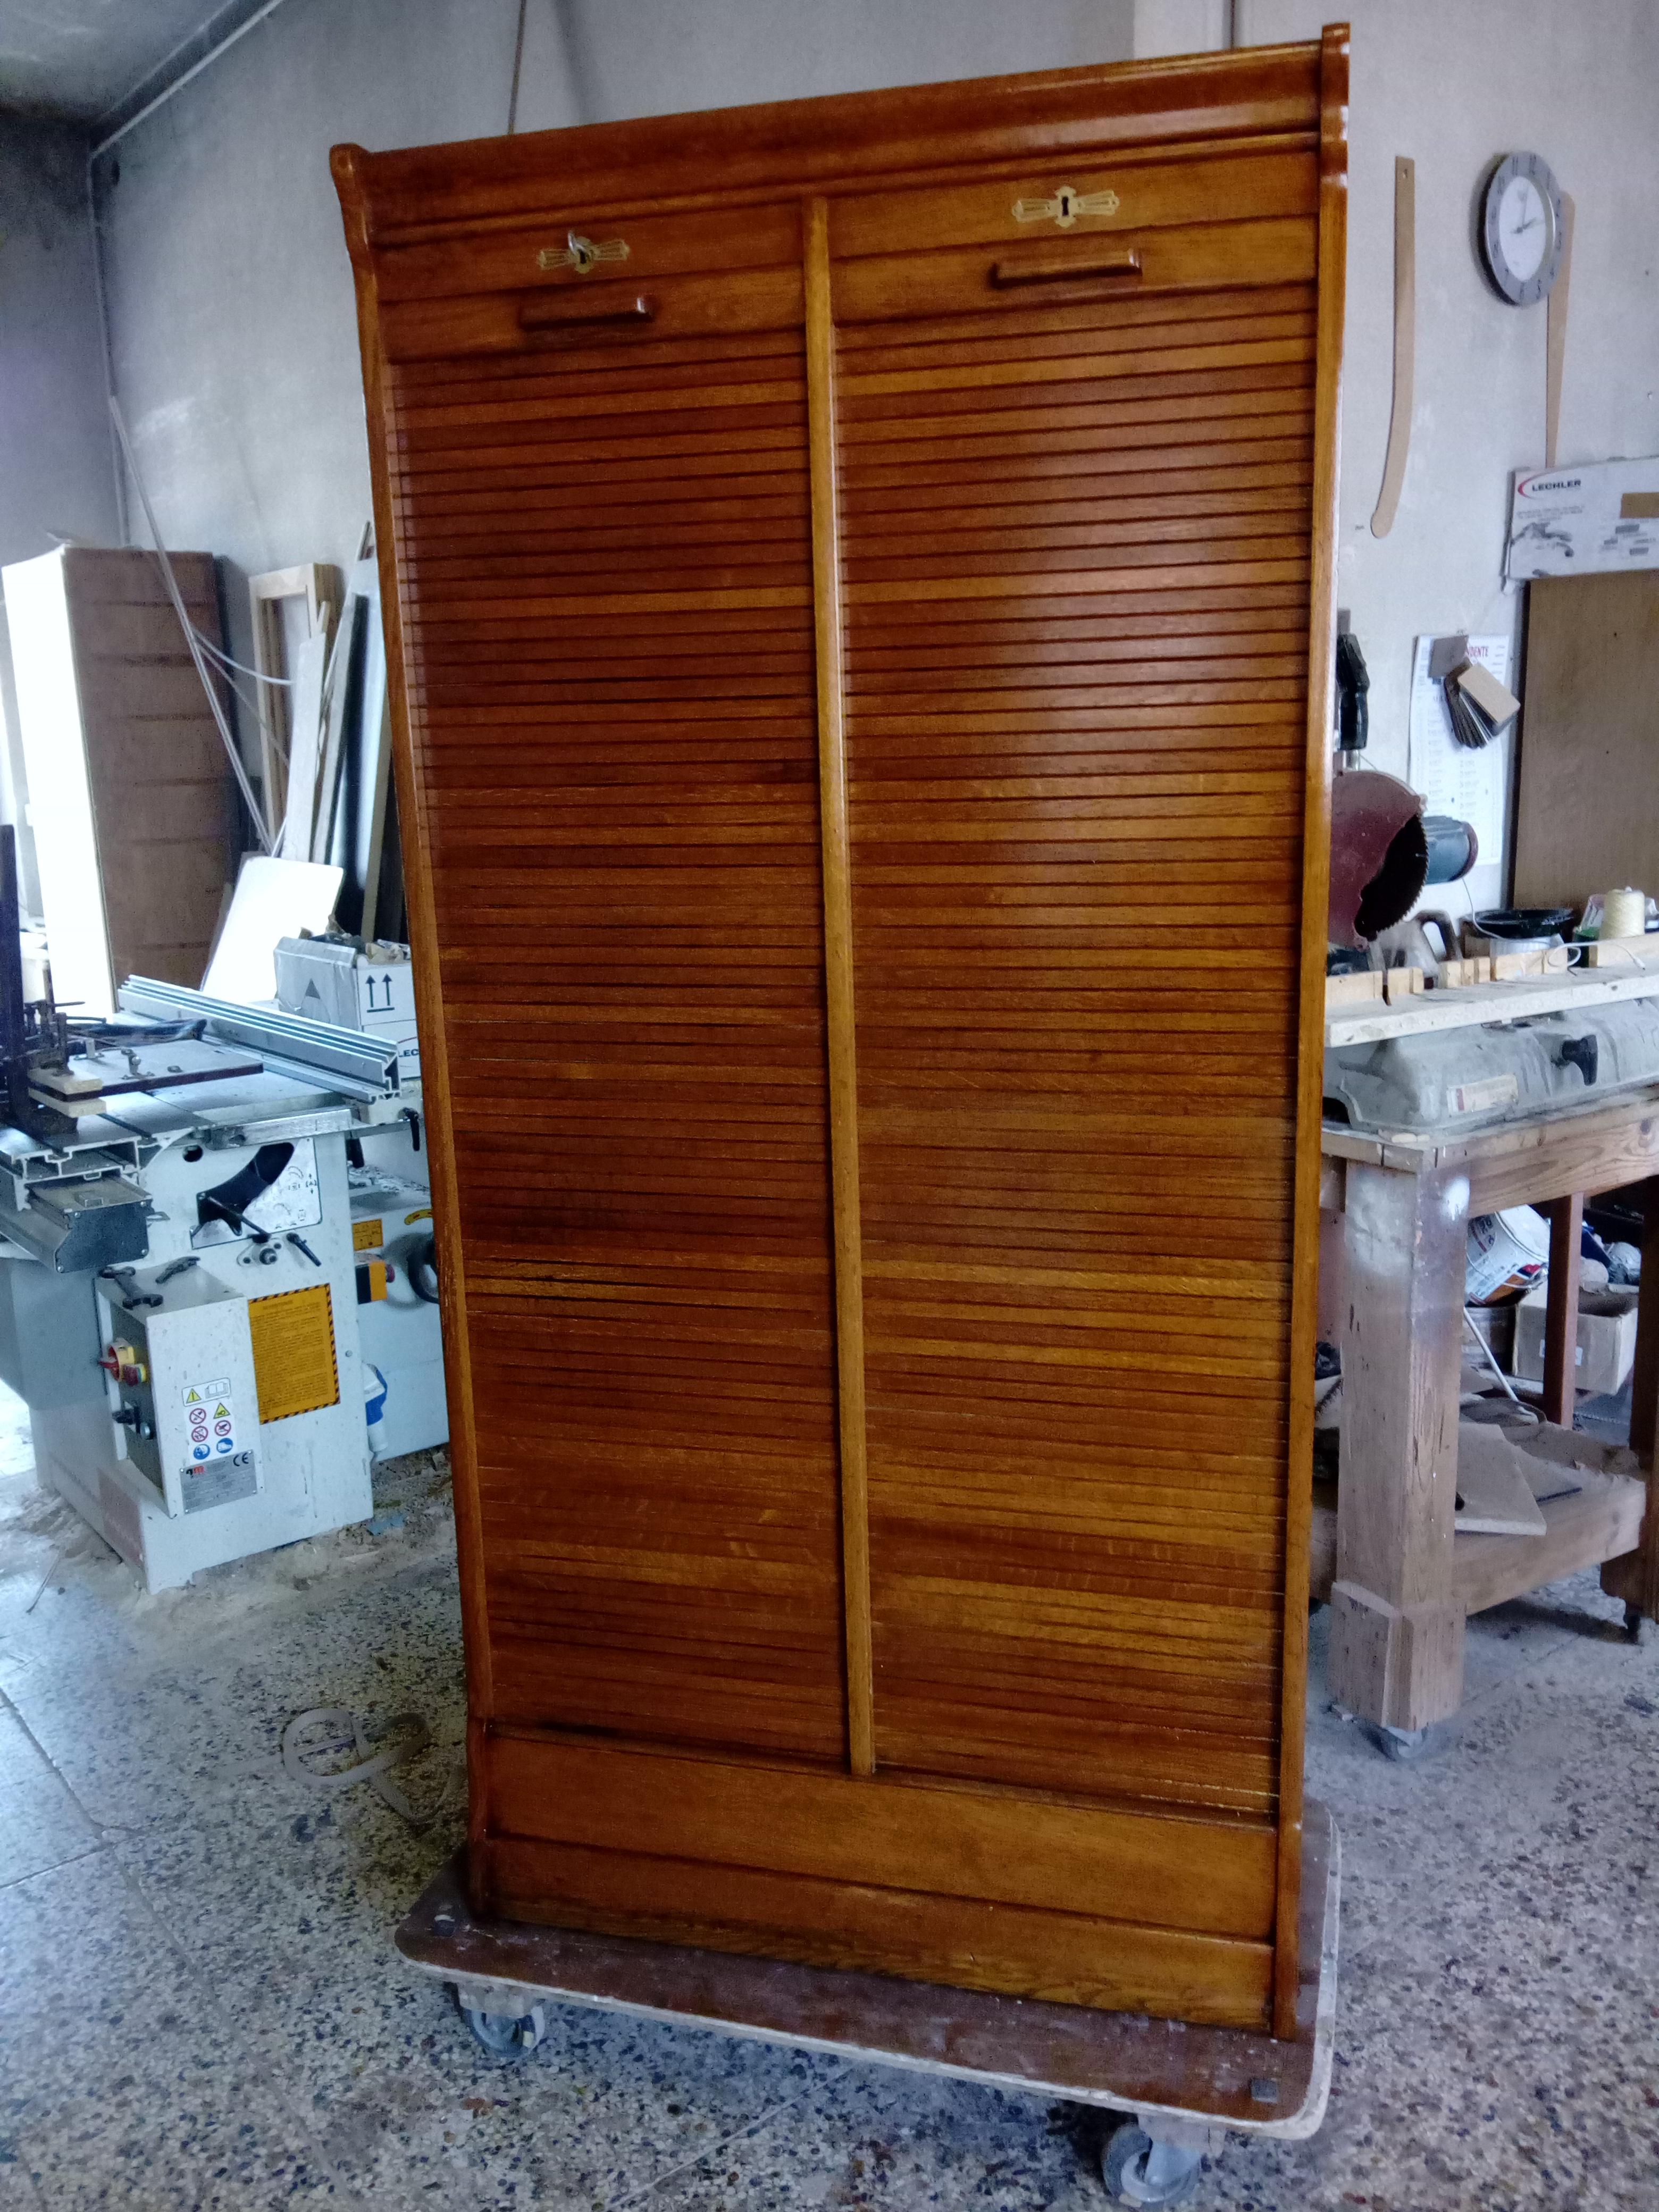 Ante A Tapparella restauro mobili | danilo cazzaniga restauri